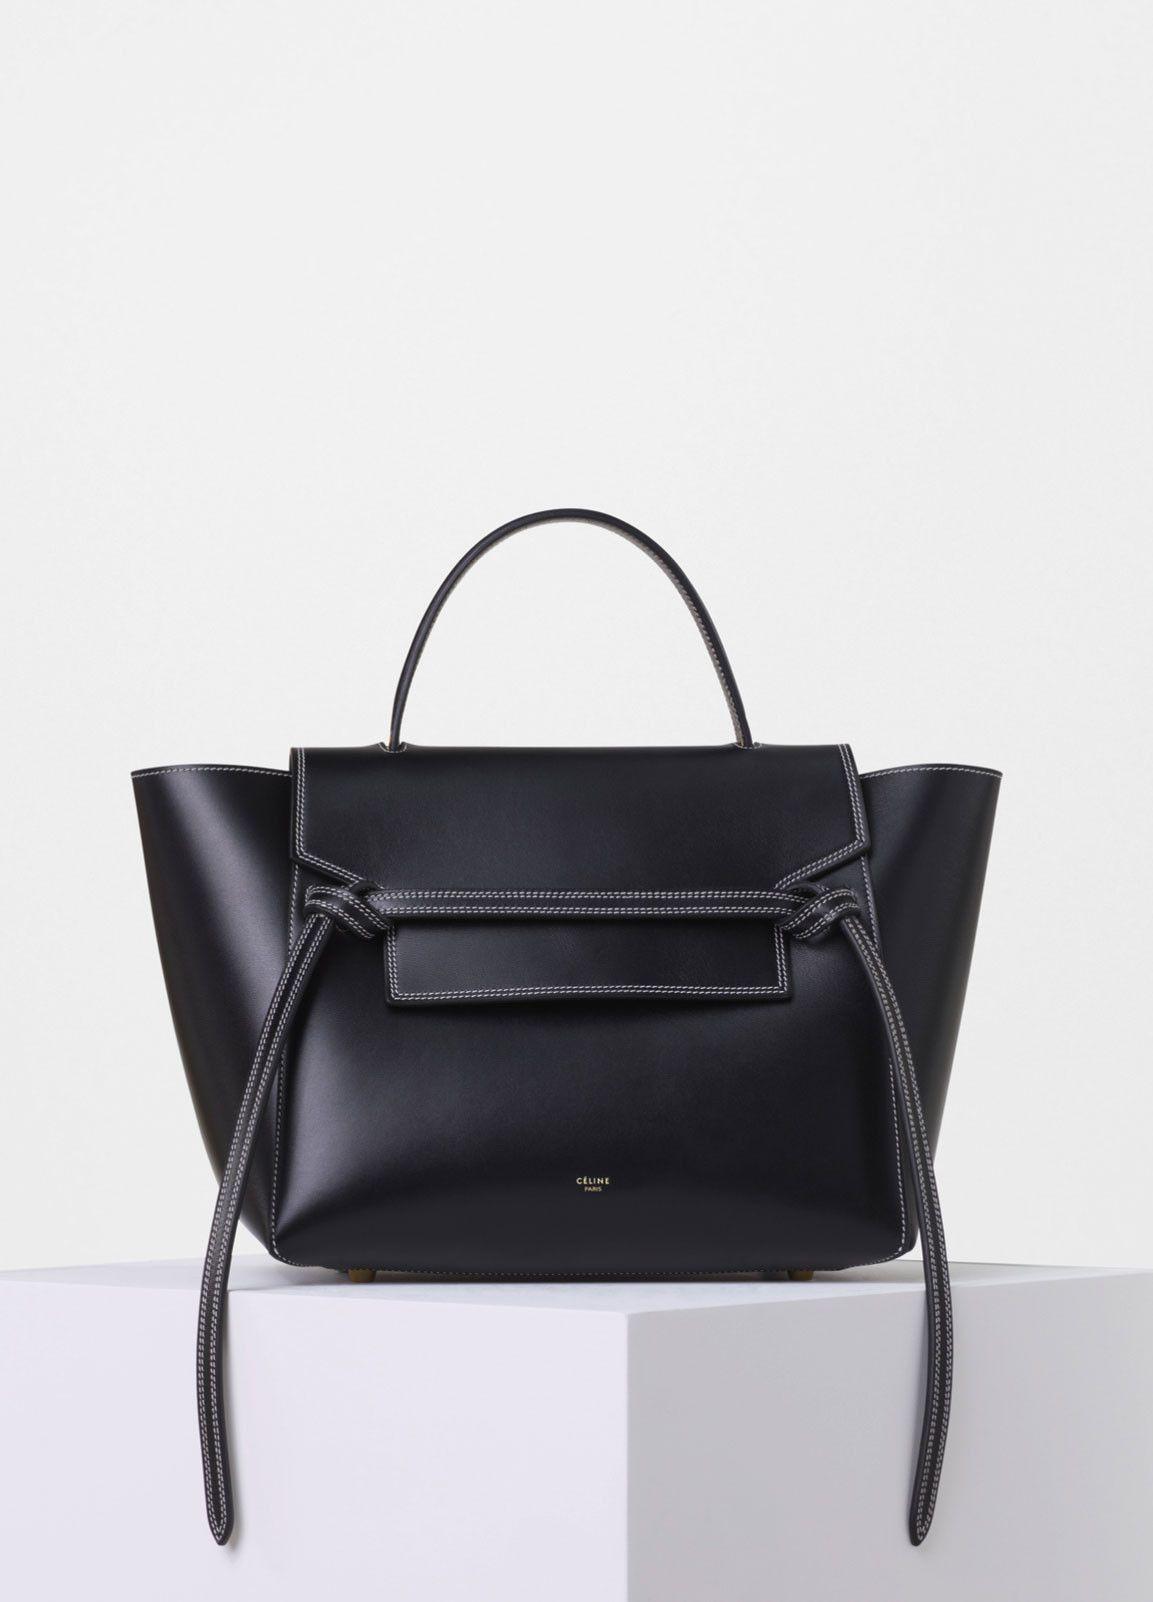 cf7ff6255 Mini Belt Bag in Double Stitching Calfskin - Céline | ACCESSORIES ...